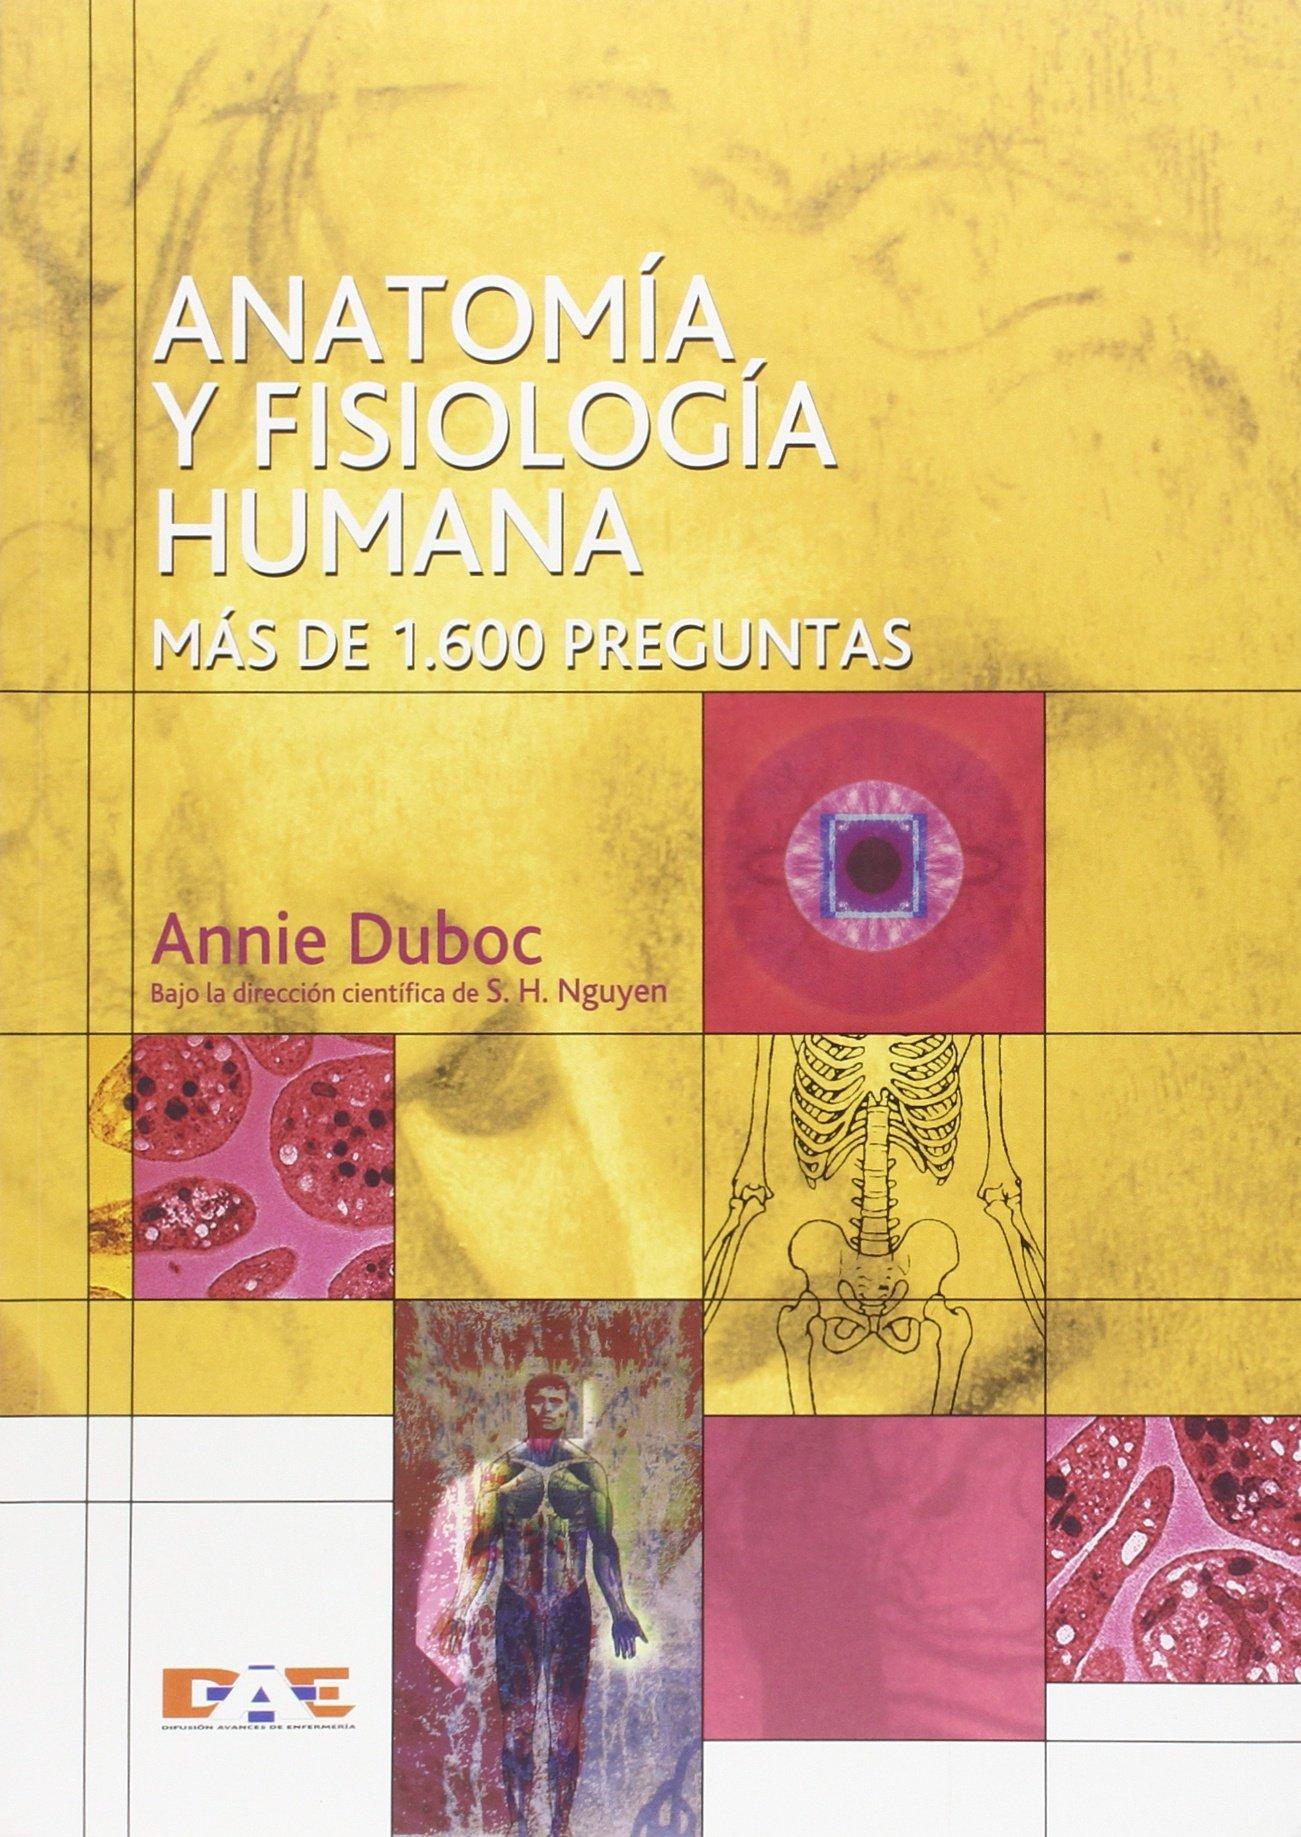 Anatomia Y Fisiologia Humana - Mas De 1600 Preguntas: Amazon.es ...